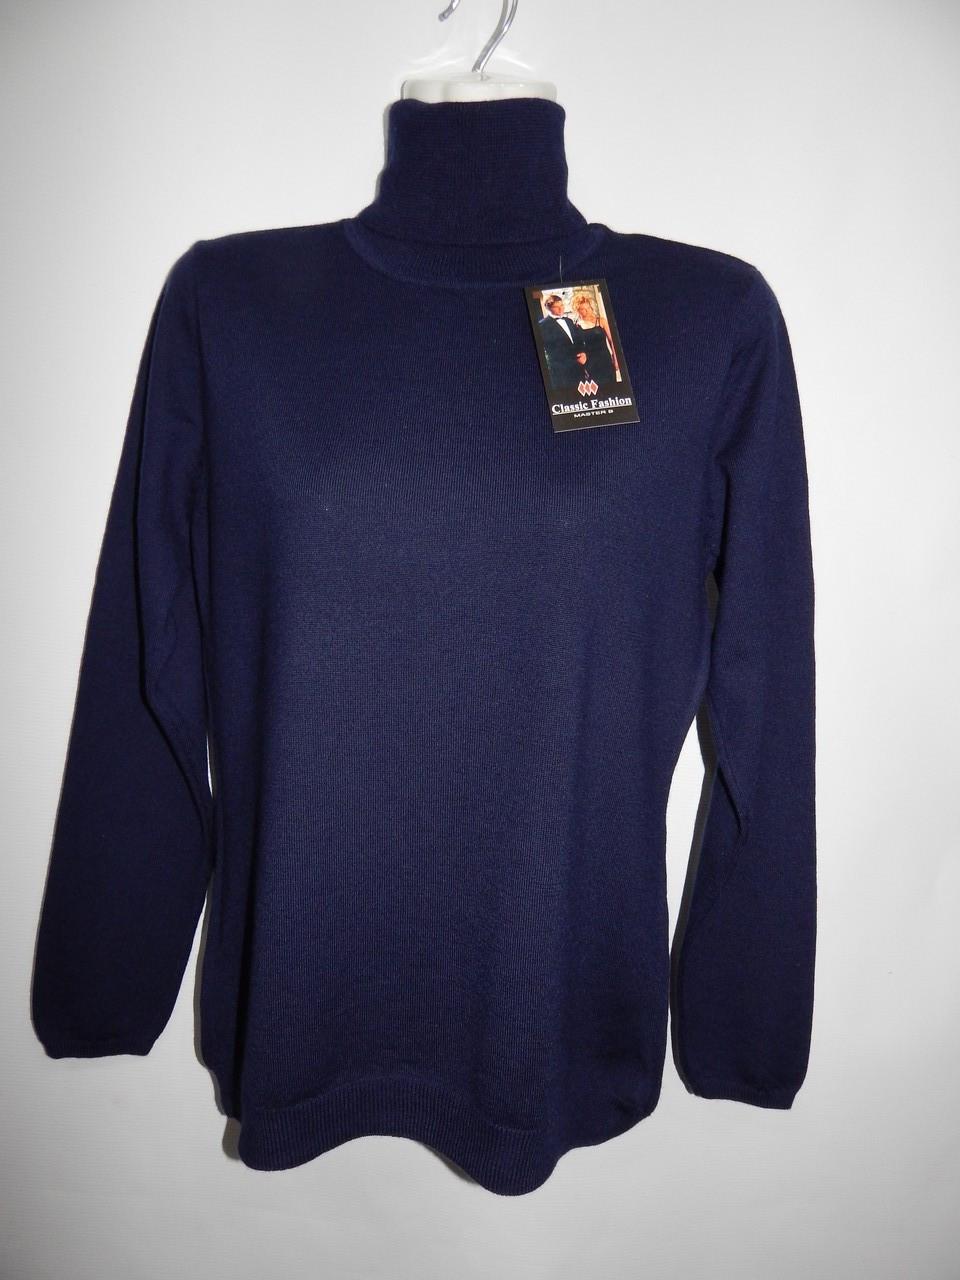 Гольф-свитерок трикотажный женский ECHO (шерсть) RUS 44-48 EUR 36-40 080GQ